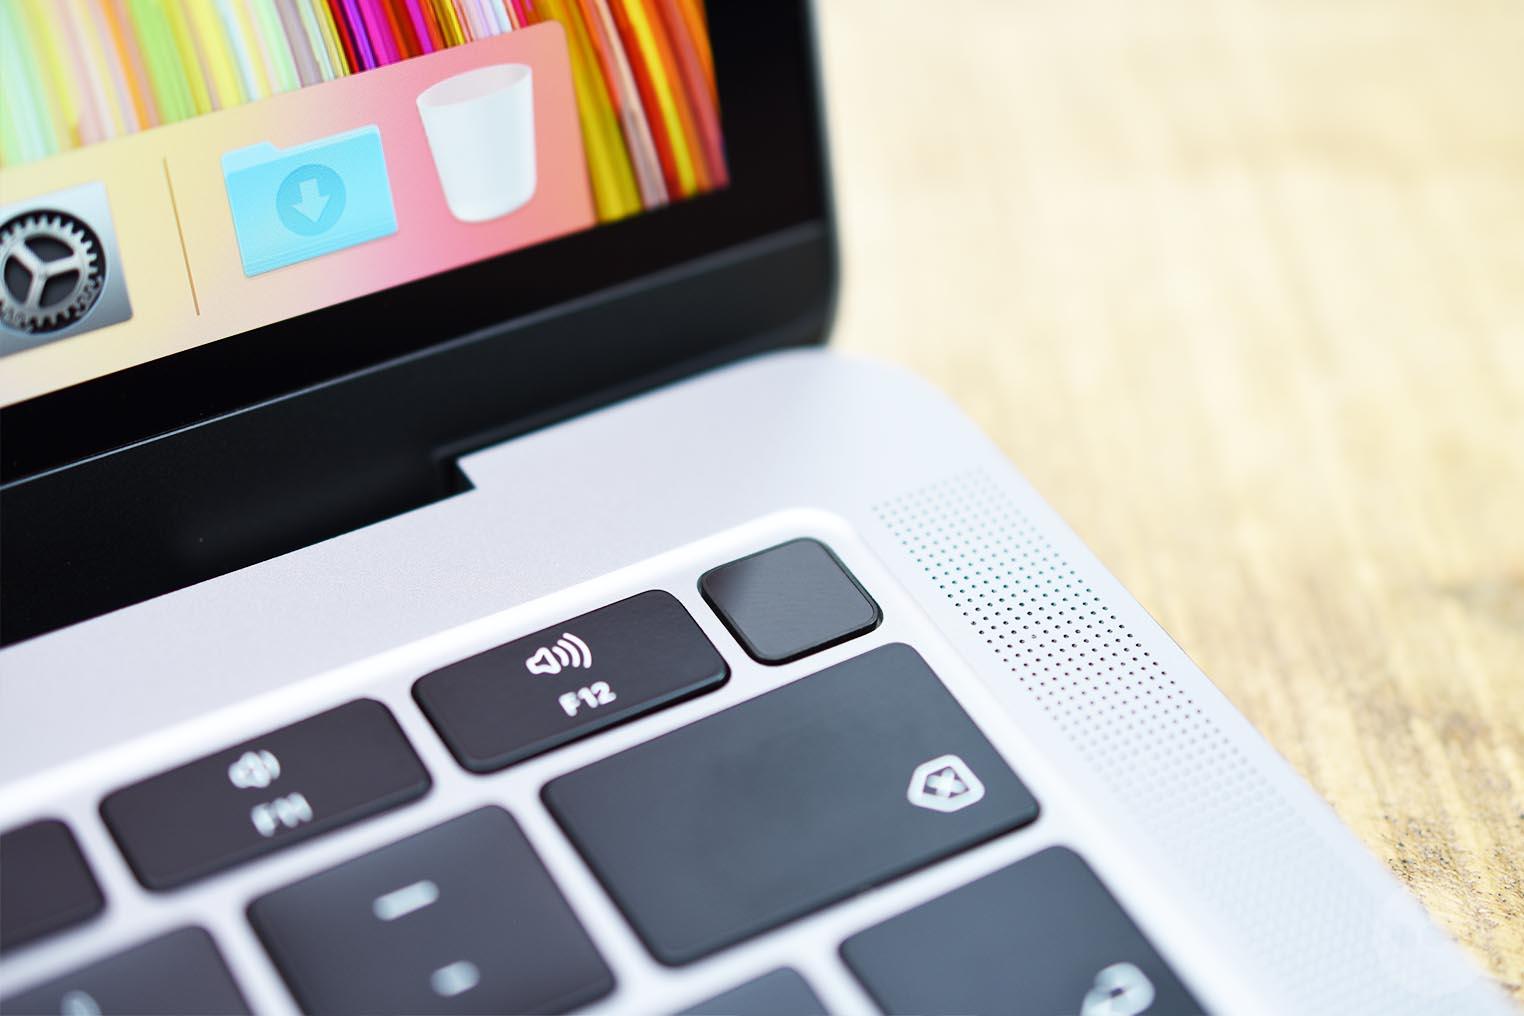 MacBook Air 2018 Touch ID